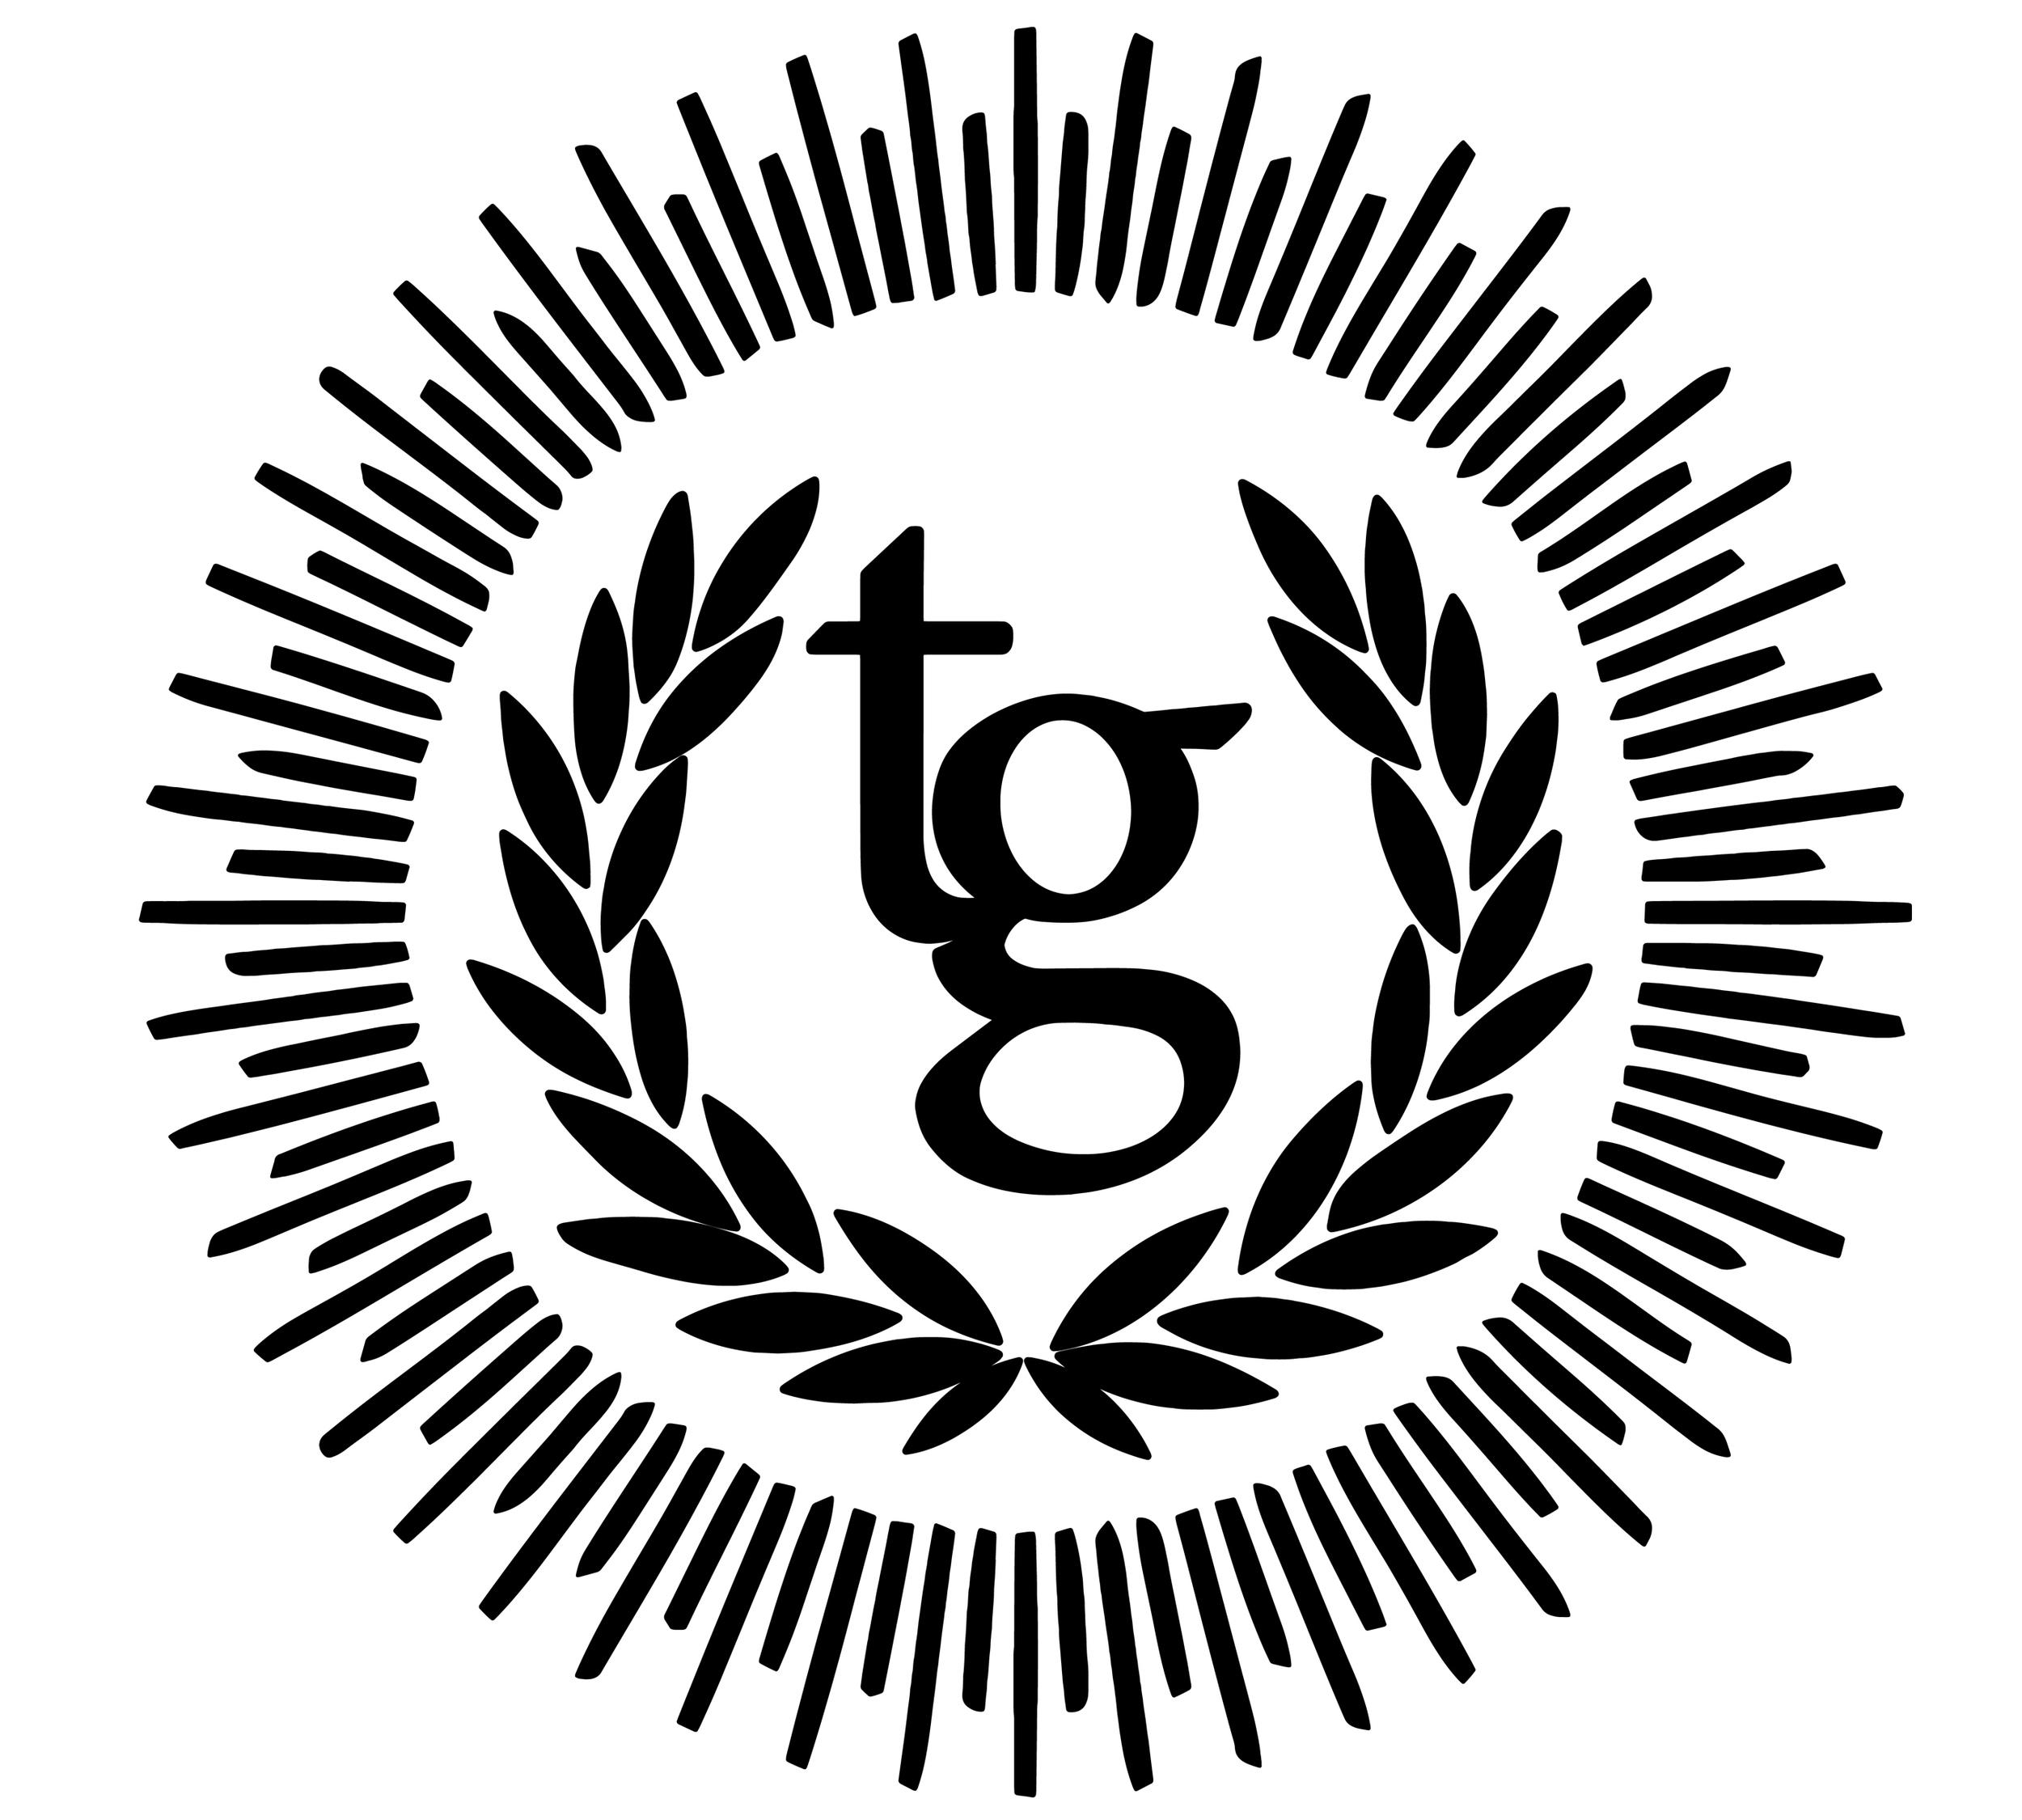 TG_LOGO1.jpg